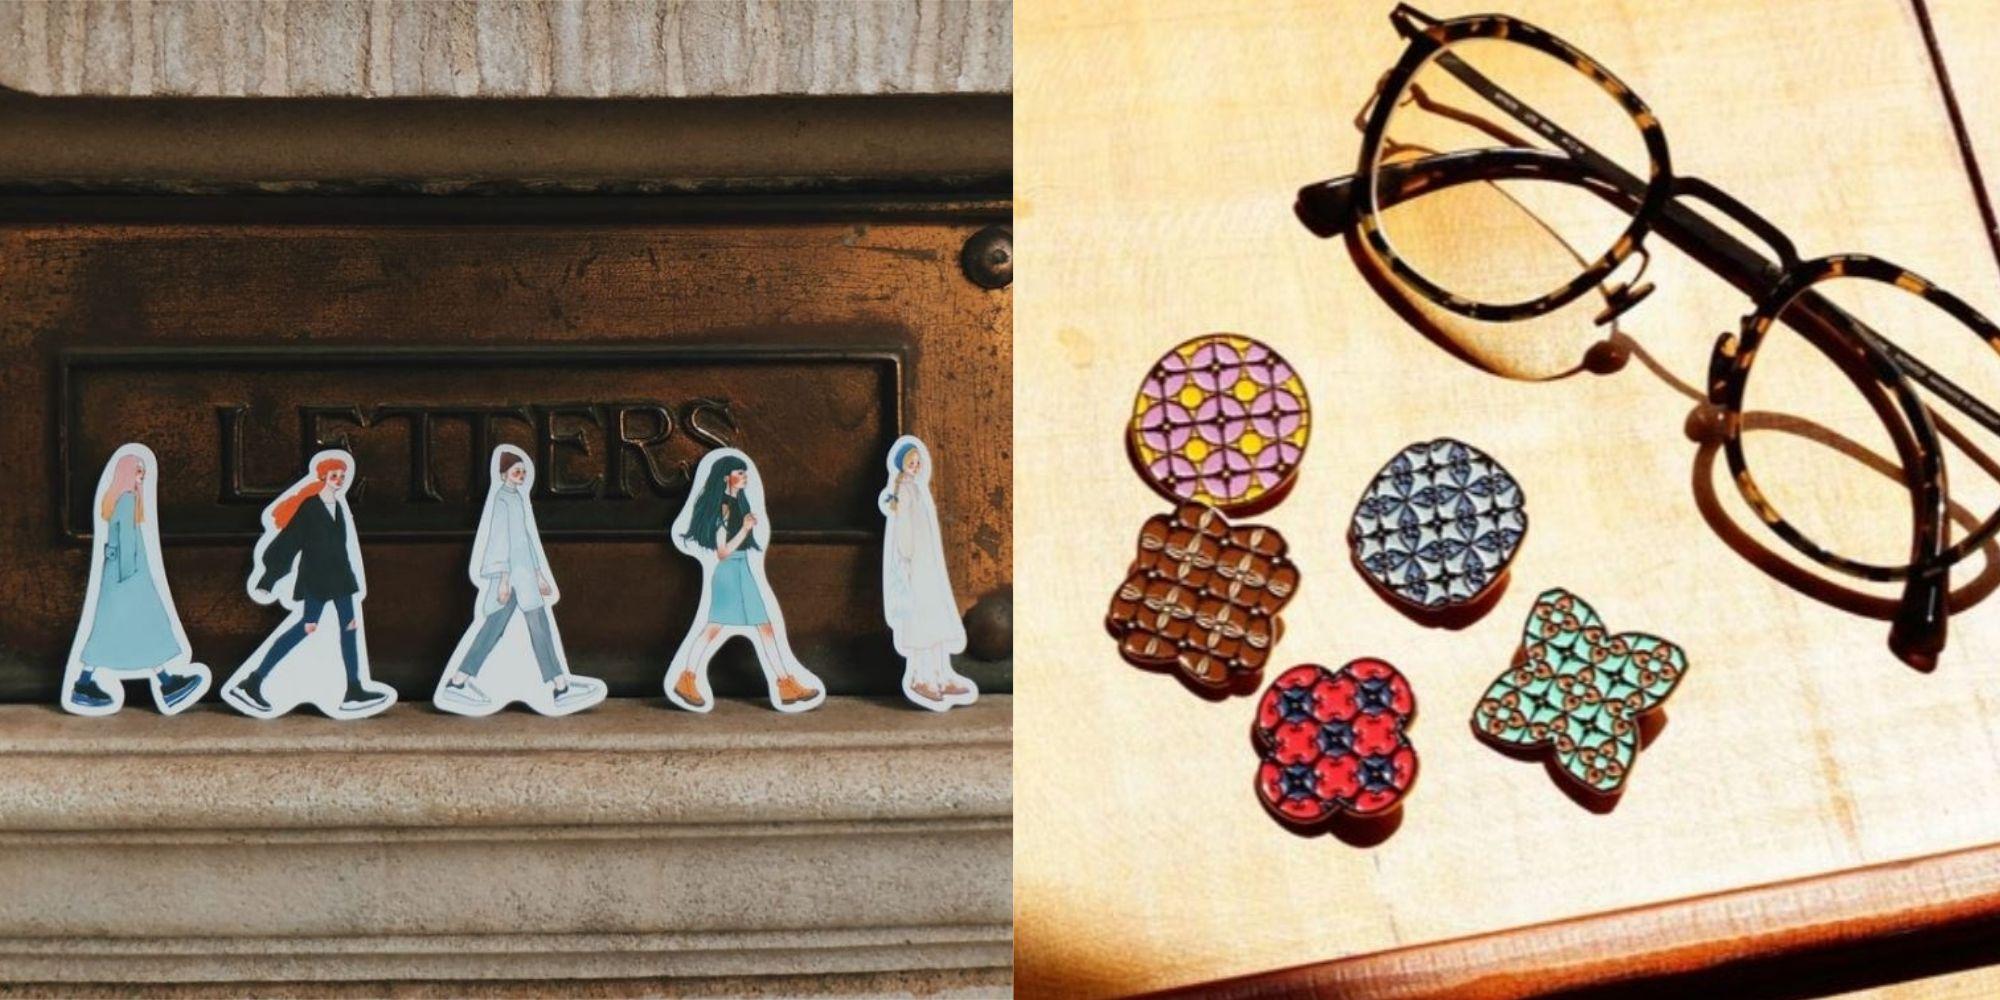 日本女孩都在買台灣的哪些小東西?Pinkoi「台灣雜貨祭」最熱賣的10款設計,絕對讓你大吃一驚!